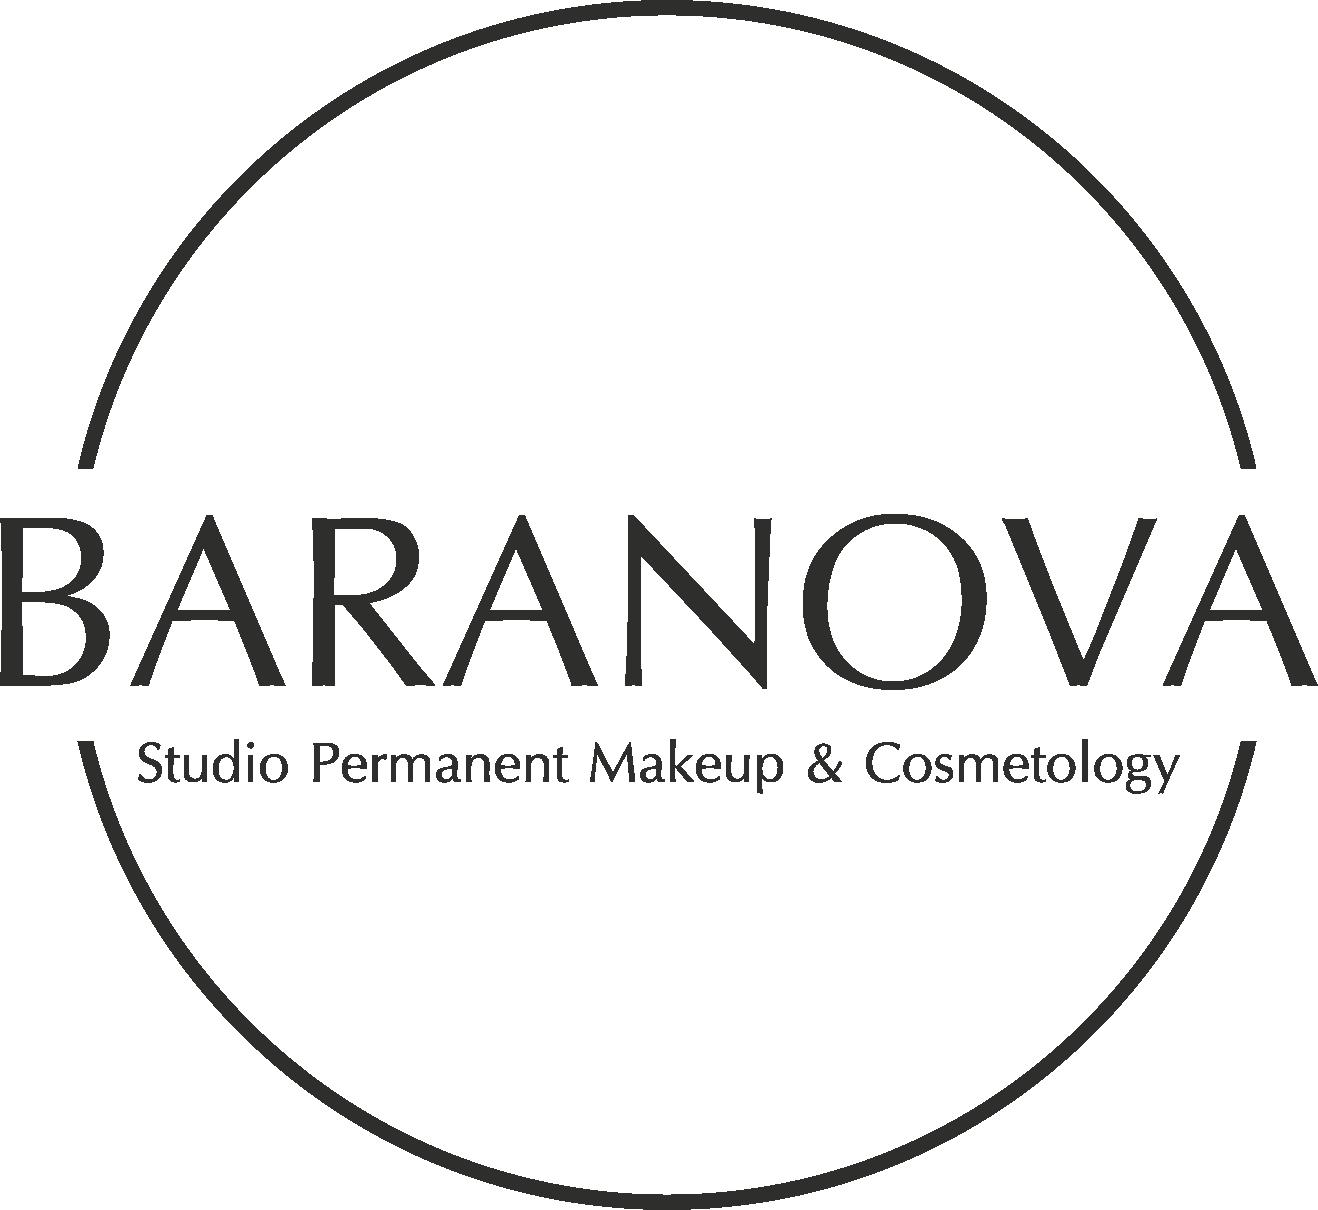 Baranova